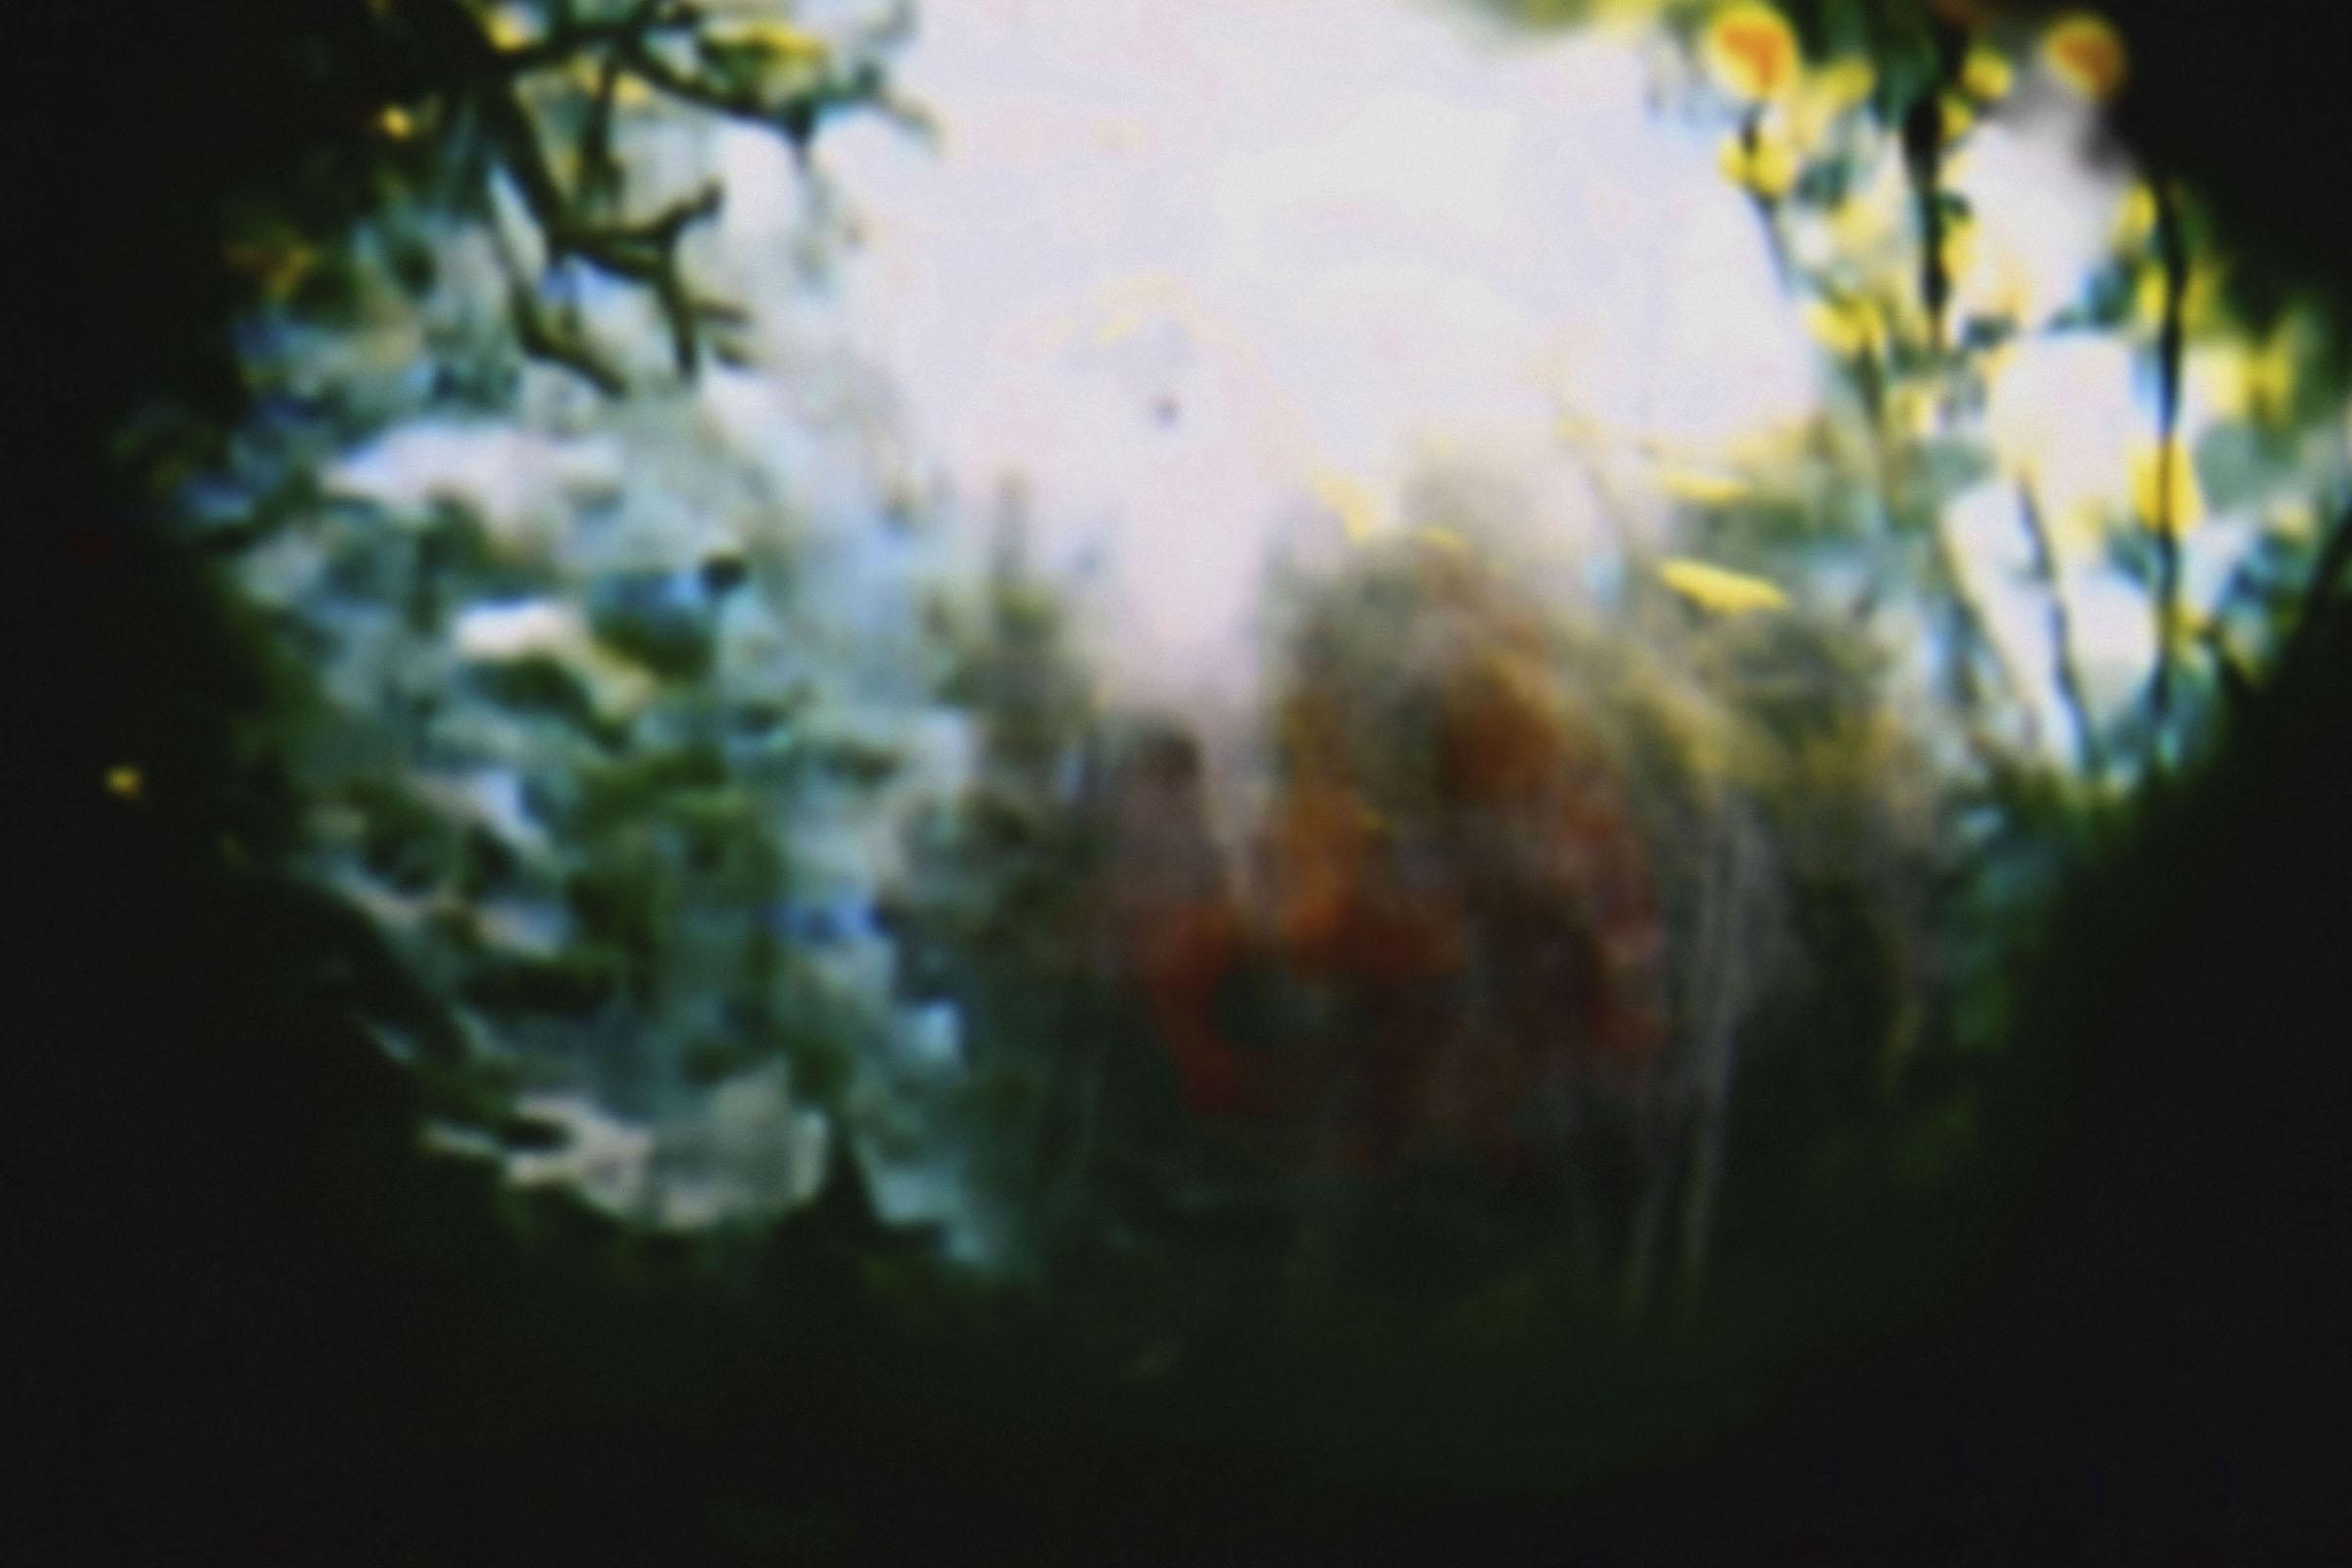 Estefanía Peñafiel Loaiza, Un air d'accueil, photographie couleur, 2013 (en cours). Courtesy Galerie Alain Gutharc.